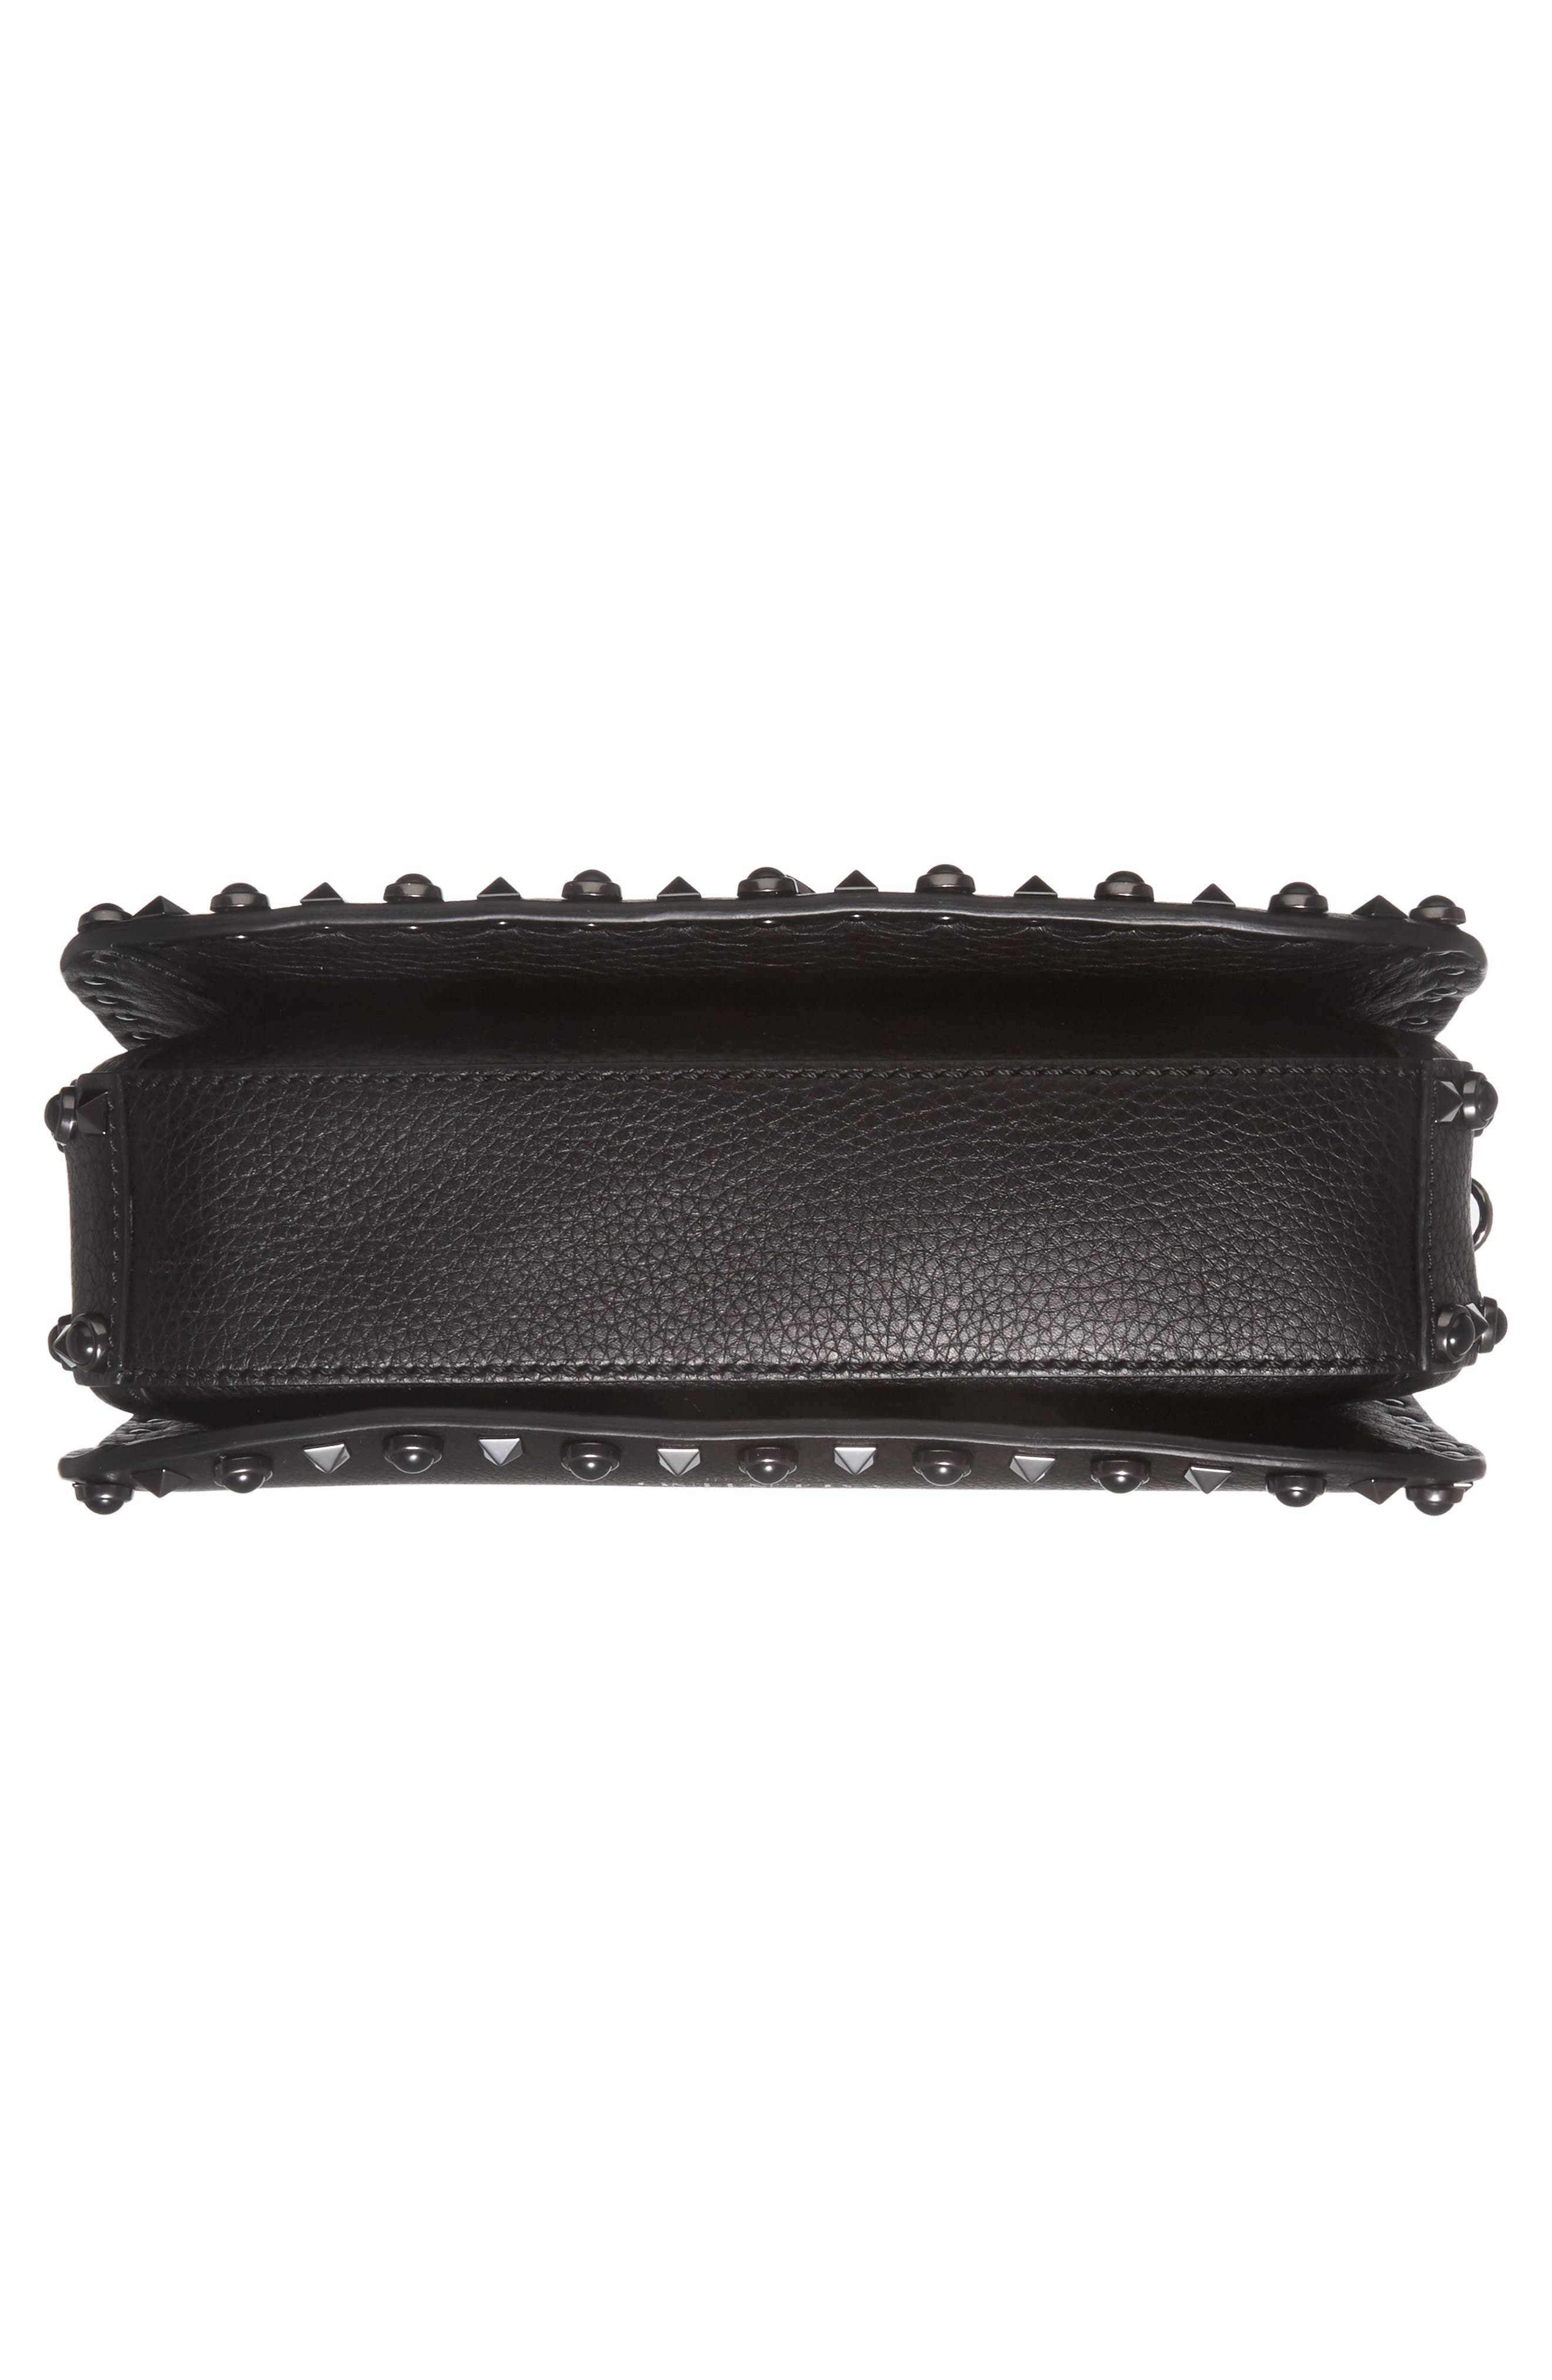 Rockstud Leather Shoulder Bag,                             Alternate thumbnail 6, color,                             001